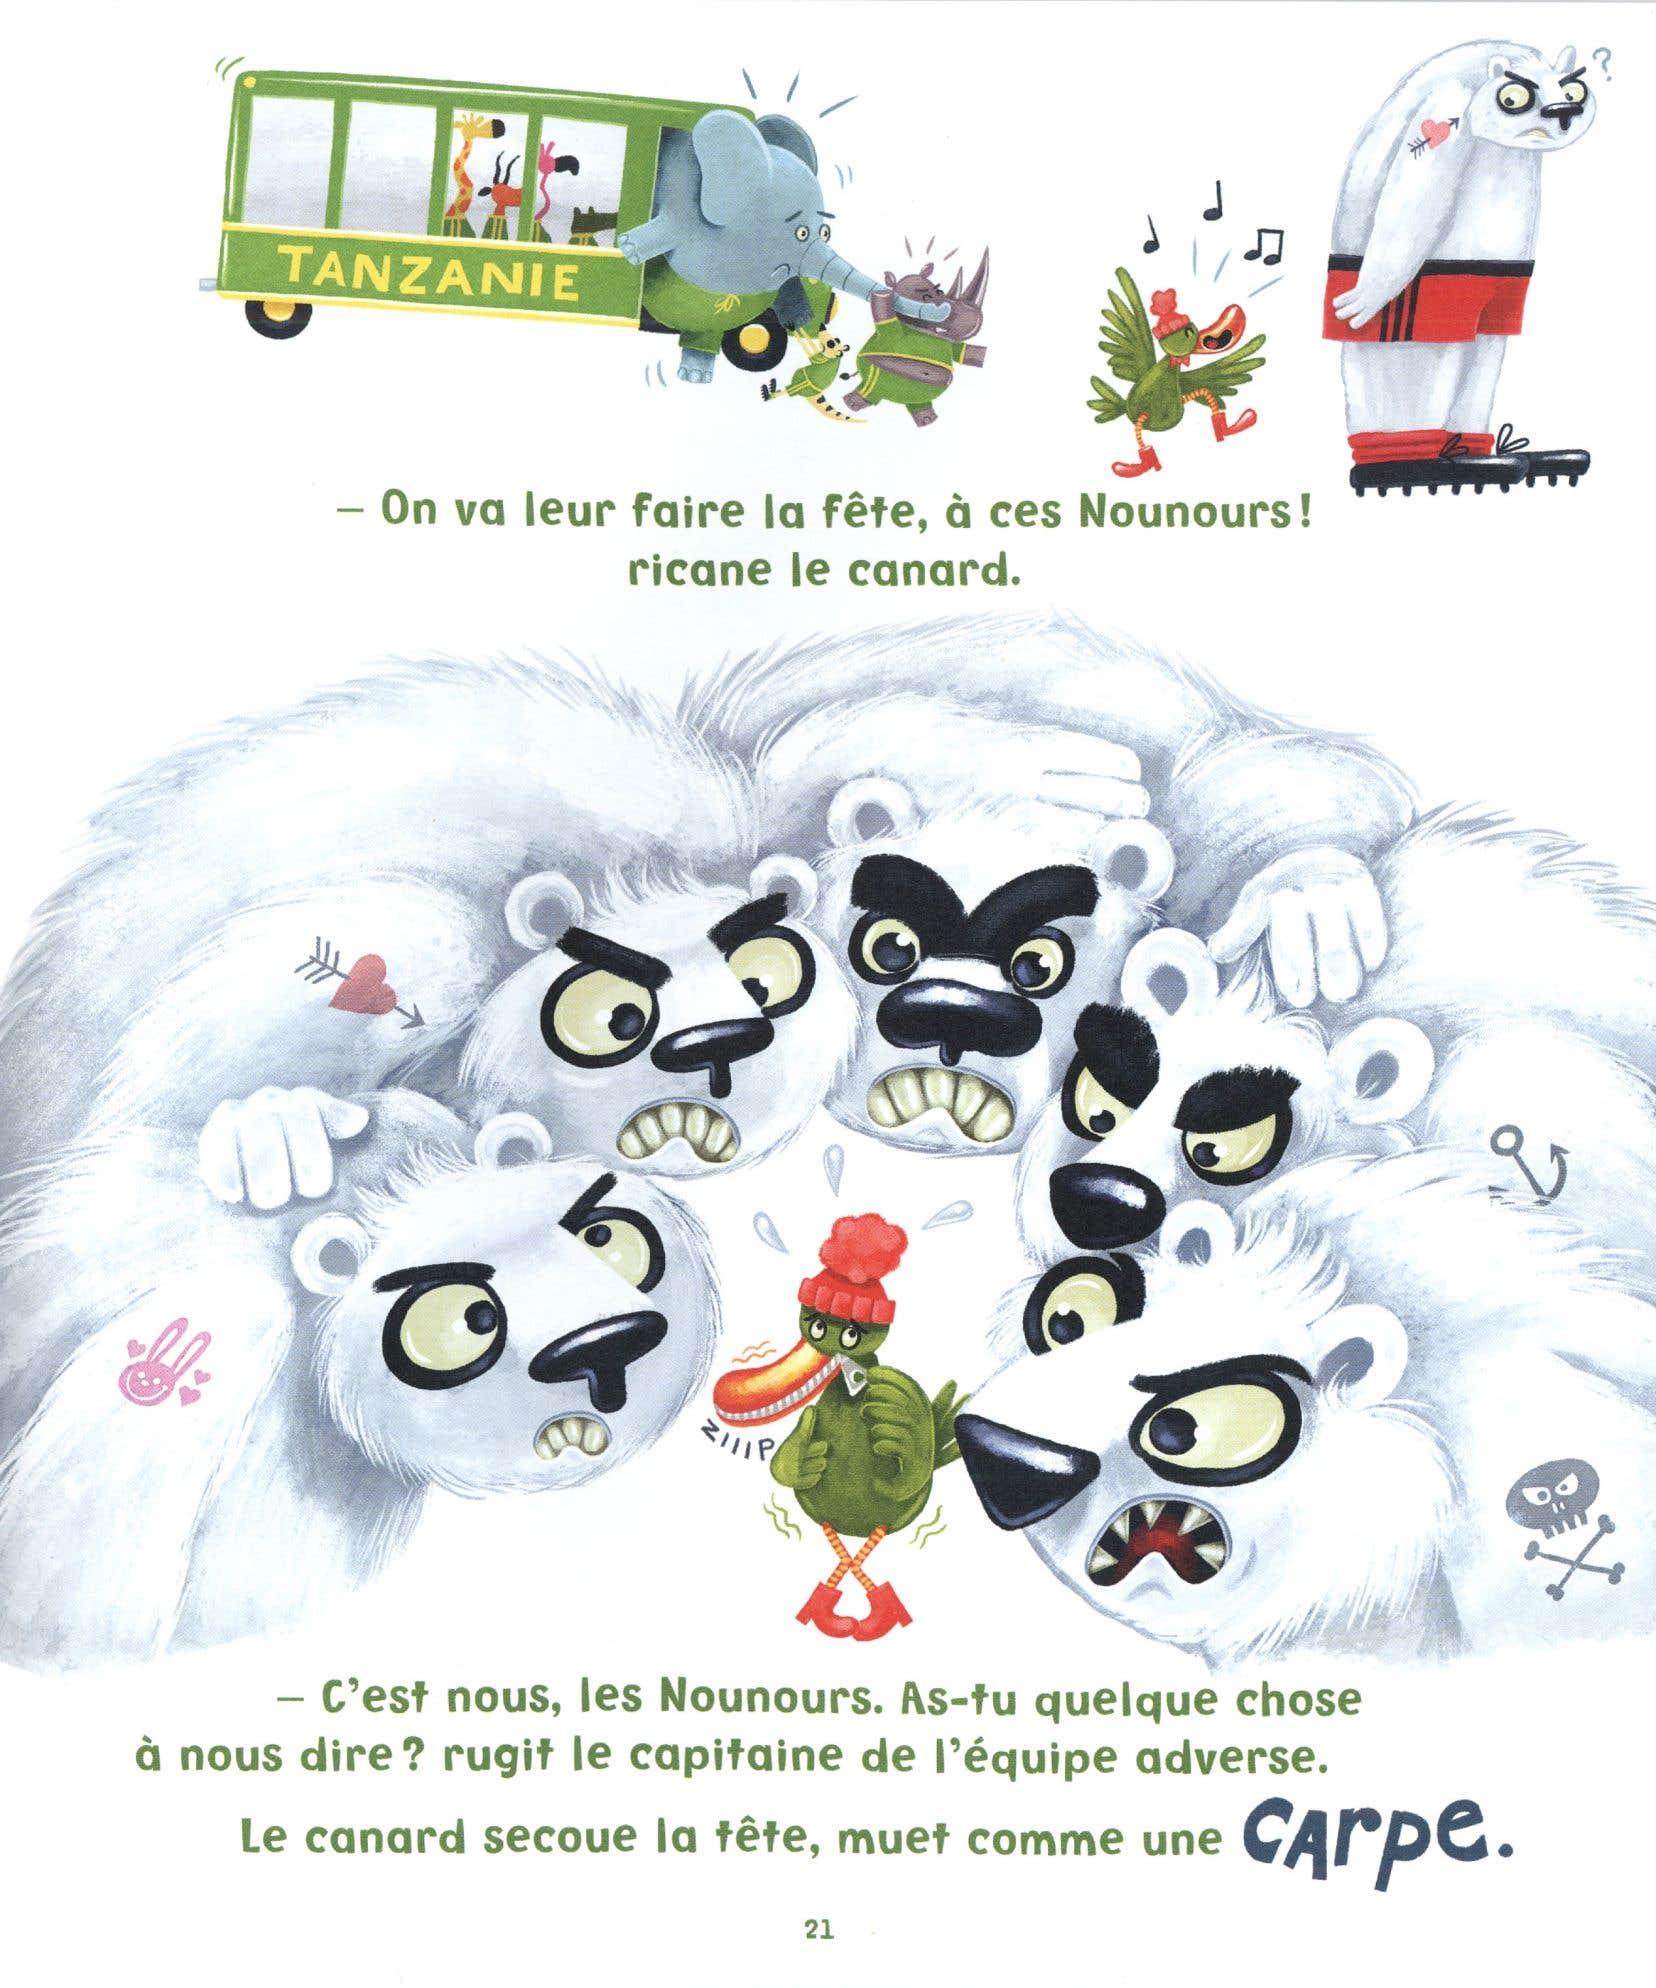 Le dernier album jeunesse cosigné par Benoit Dutrizac et le duo d'illustrateurs Bellebrute est rempli de jeux de mots juteux.